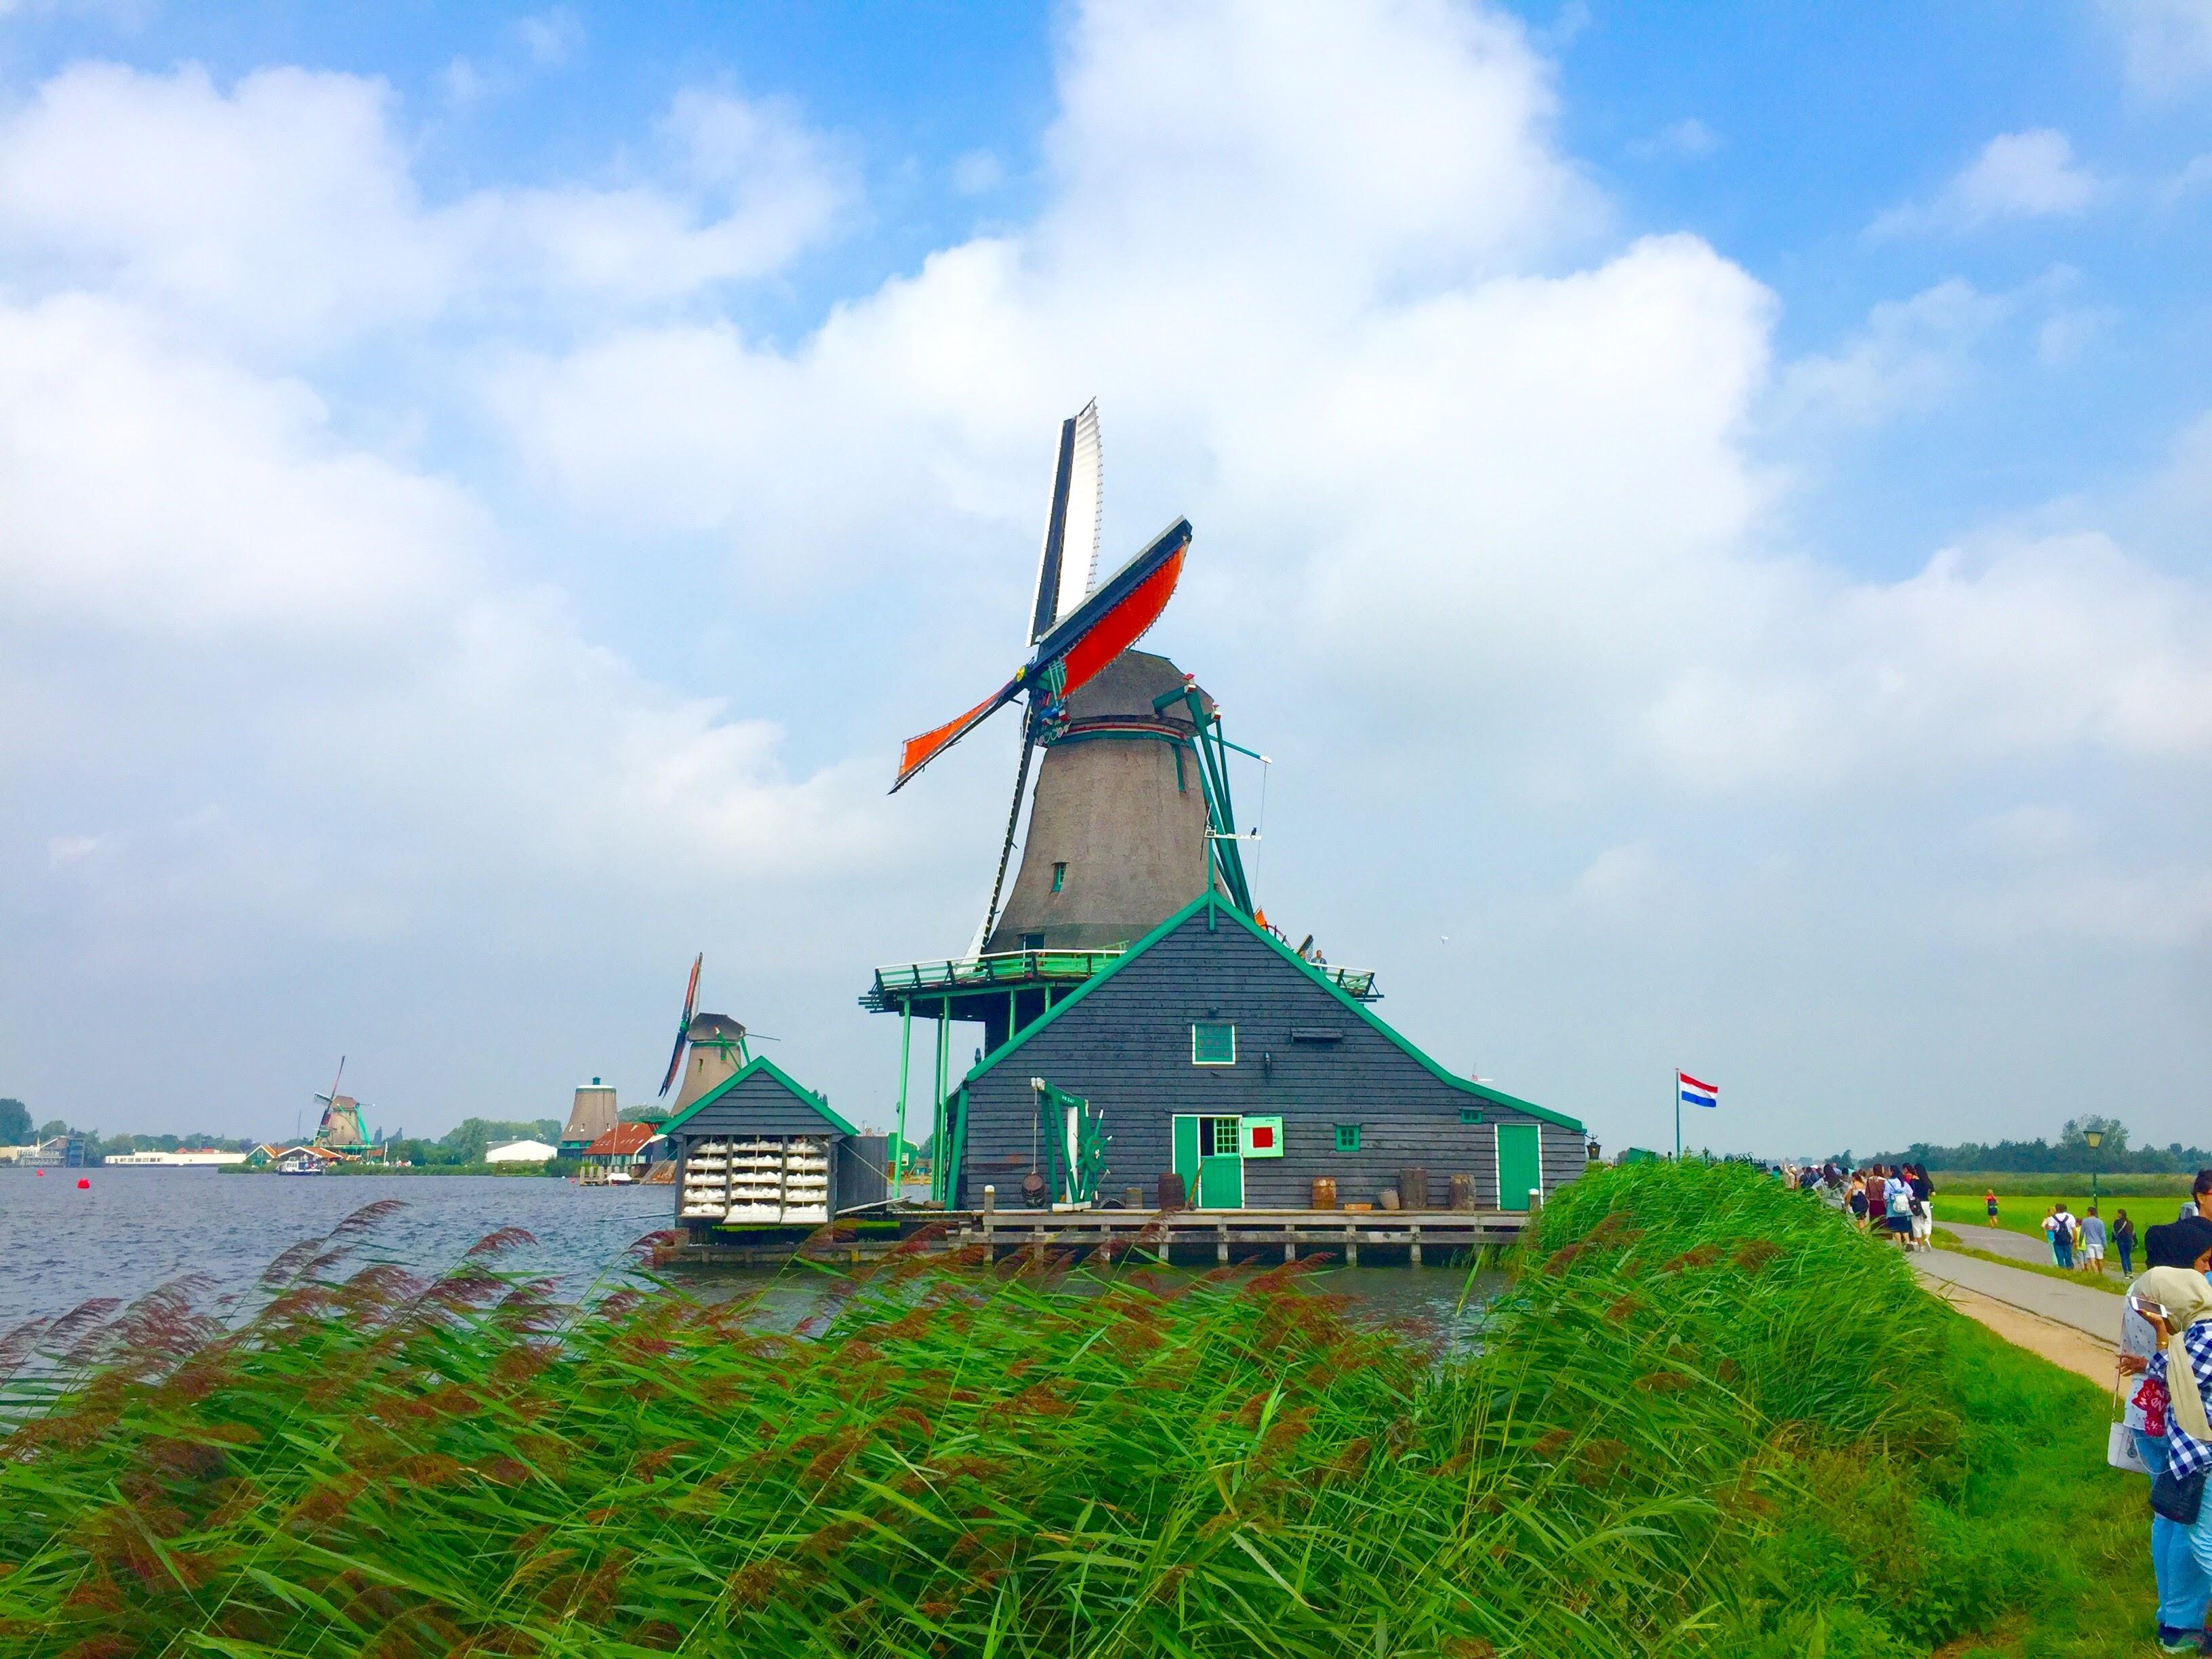 アムステルダムに行くなら是非一足伸ばしてザーンセ・スカンス(zaanse schans)も訪問しよう!現役の風車が見られる風車村